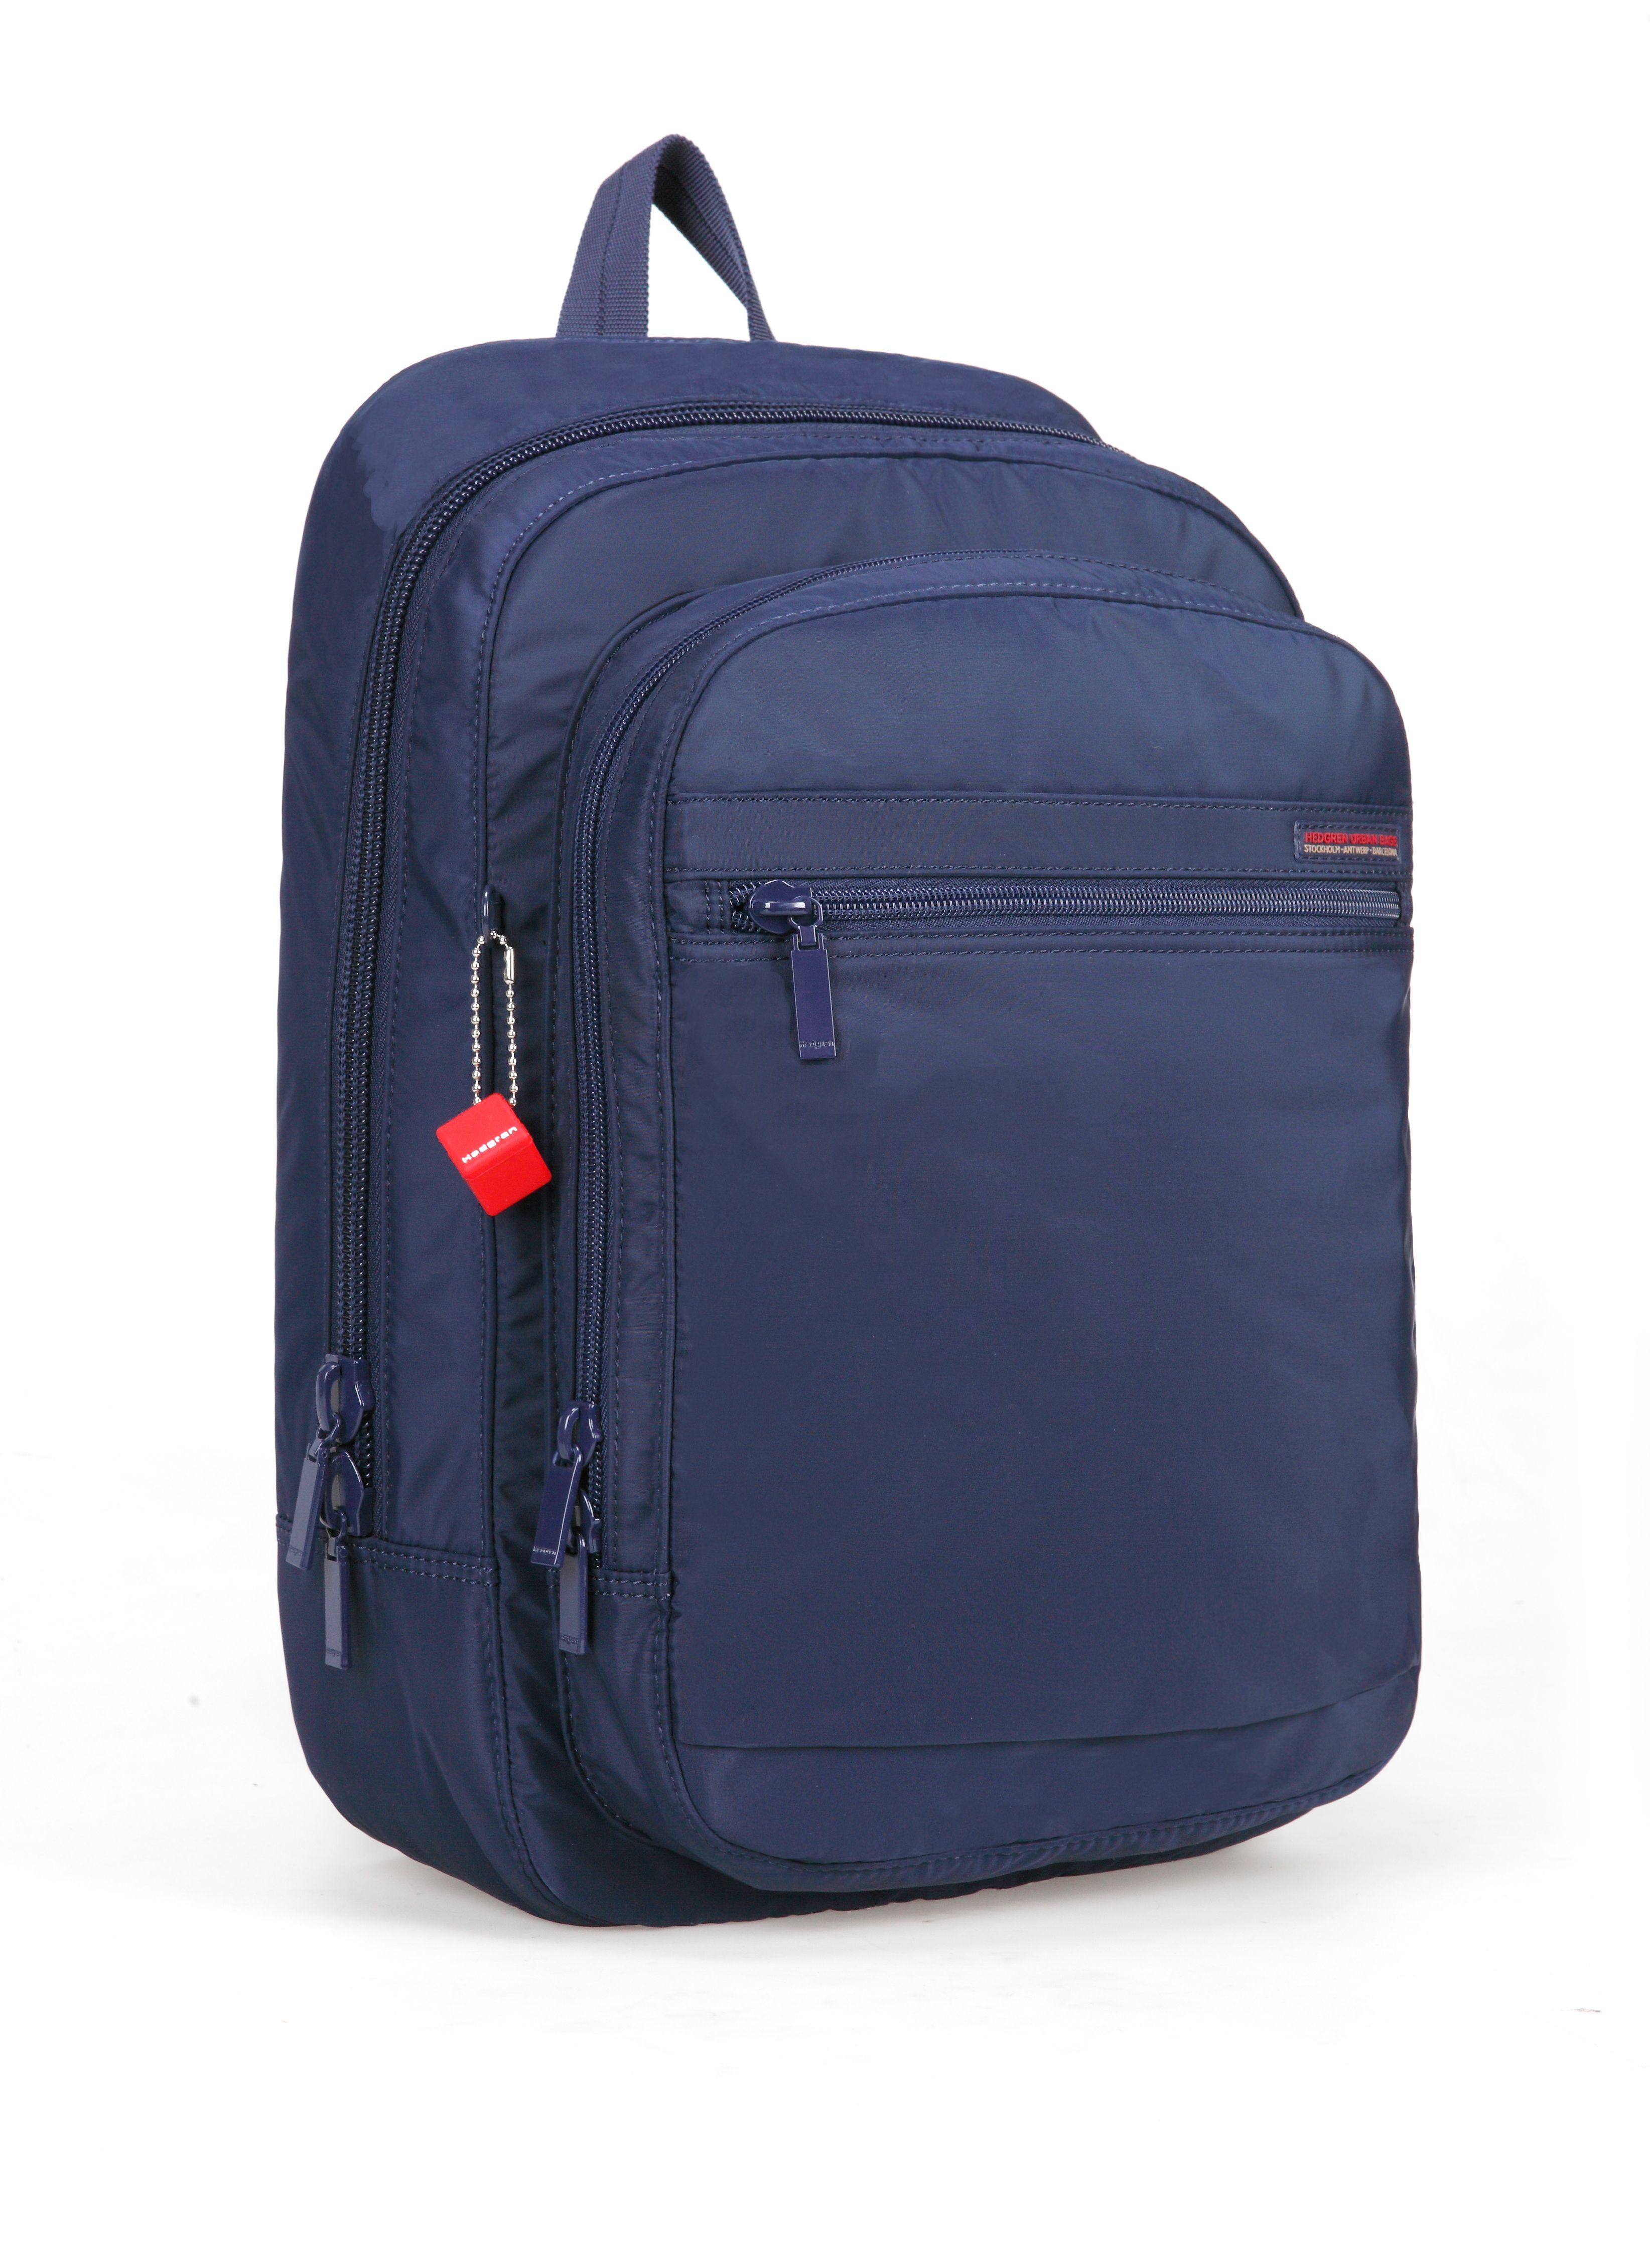 Hedgren Backpack Hic219